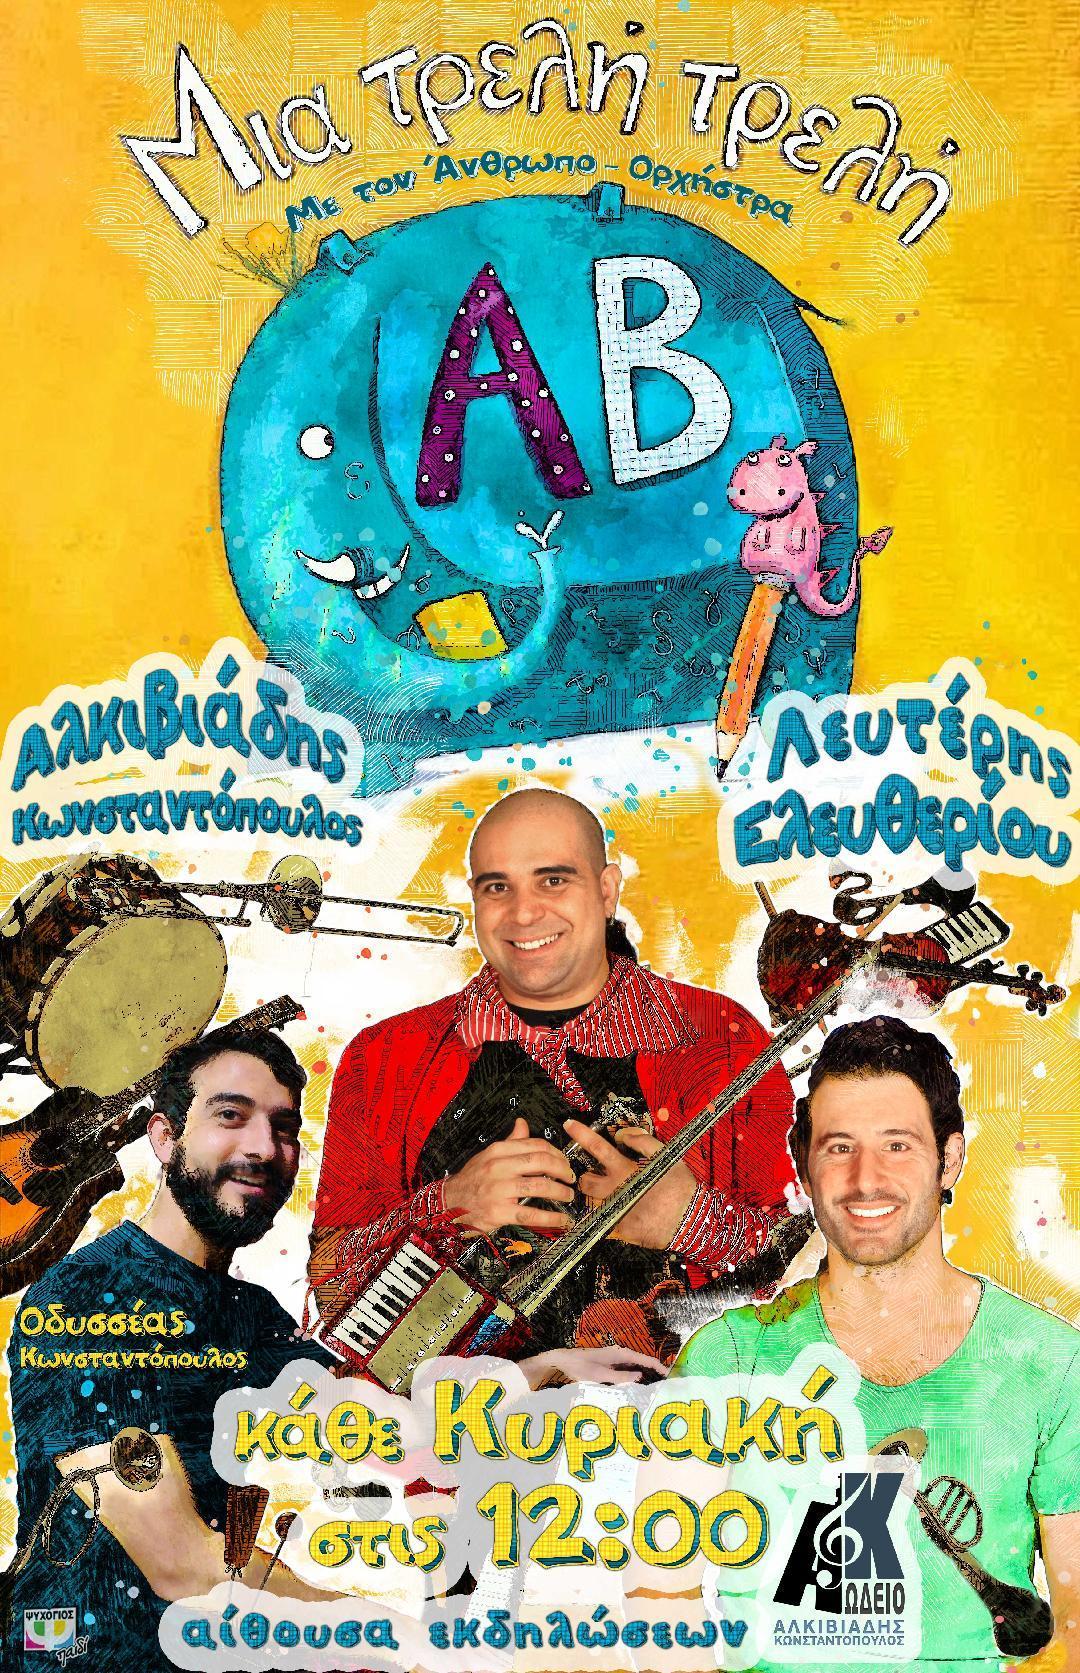 «Μια τρελή τρελή Αλφαβήτα»: Η παράσταση των Λευτέρη Ελευθερίου και Αλκιβιάδη Κωνσταντόπουλου μας περιμένει στο Μαρκόπουλο